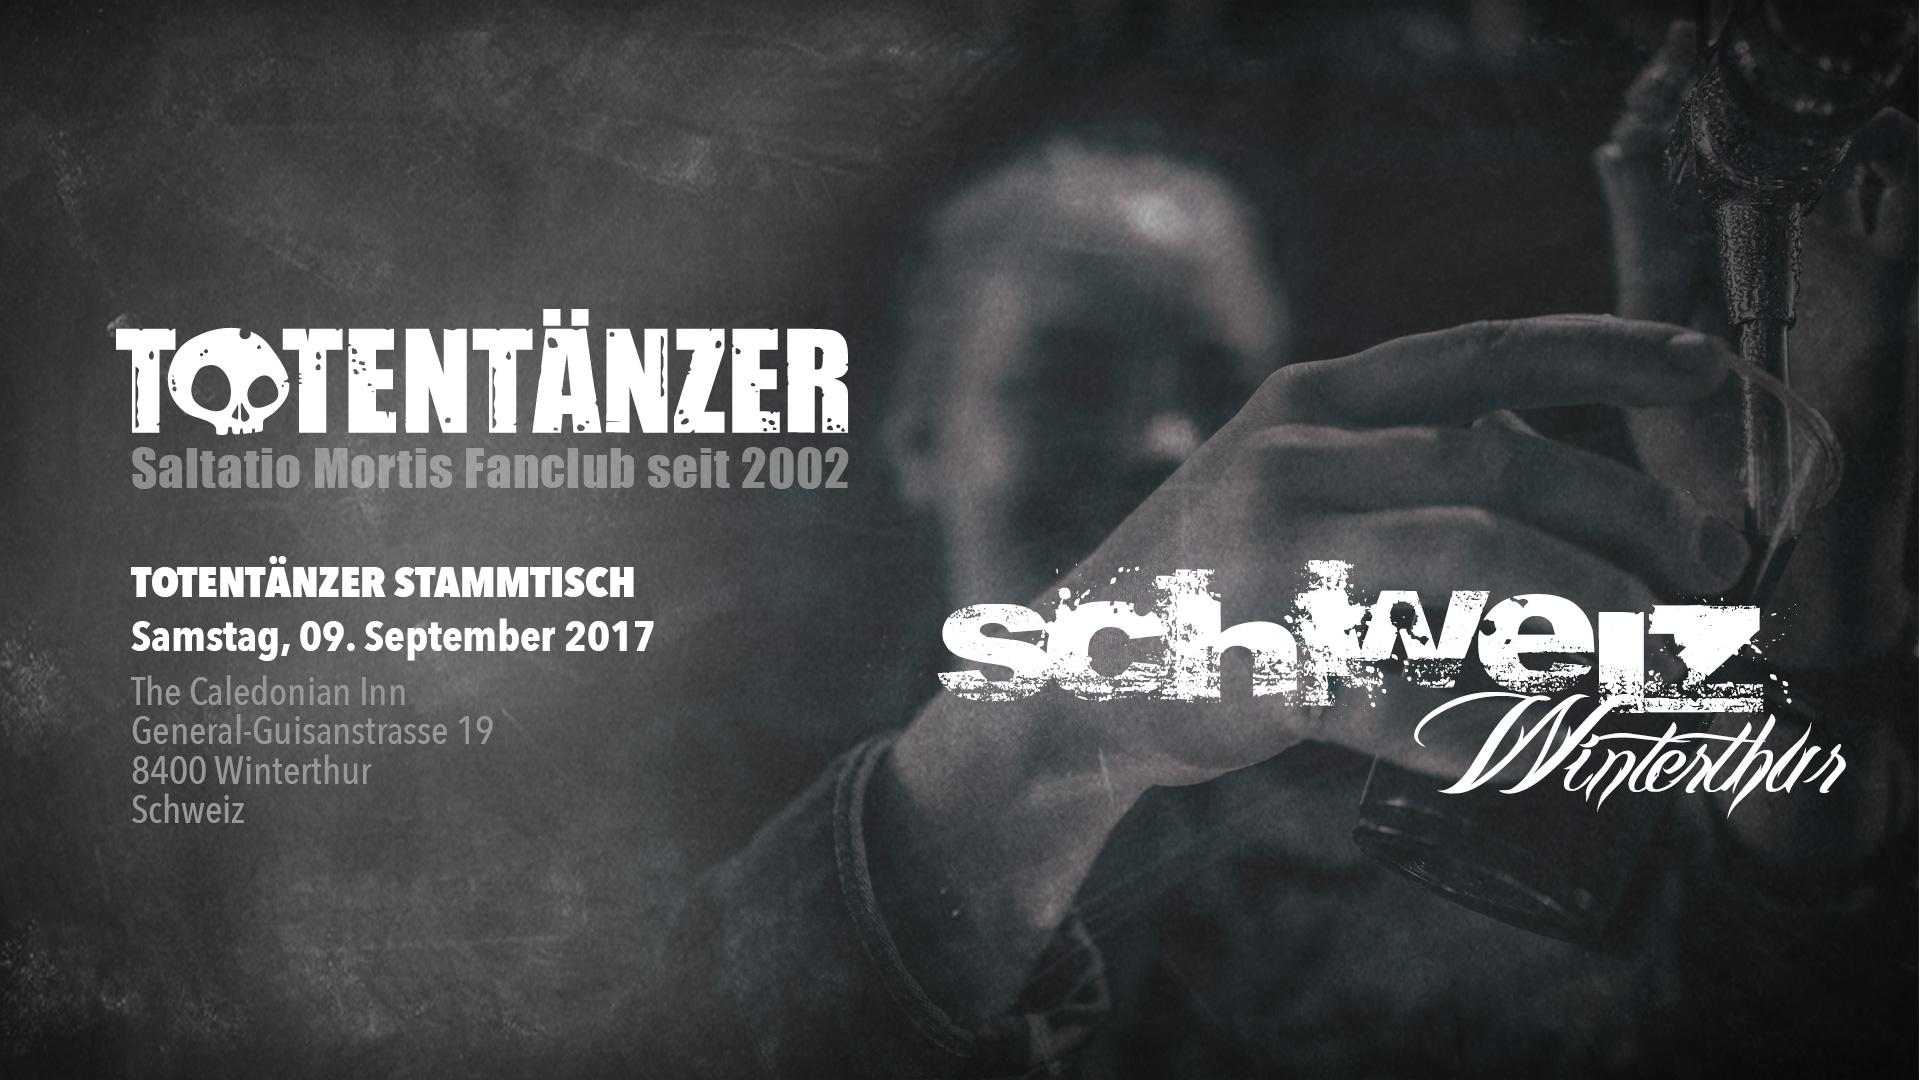 Totentänzer Stammtisch Schweiz